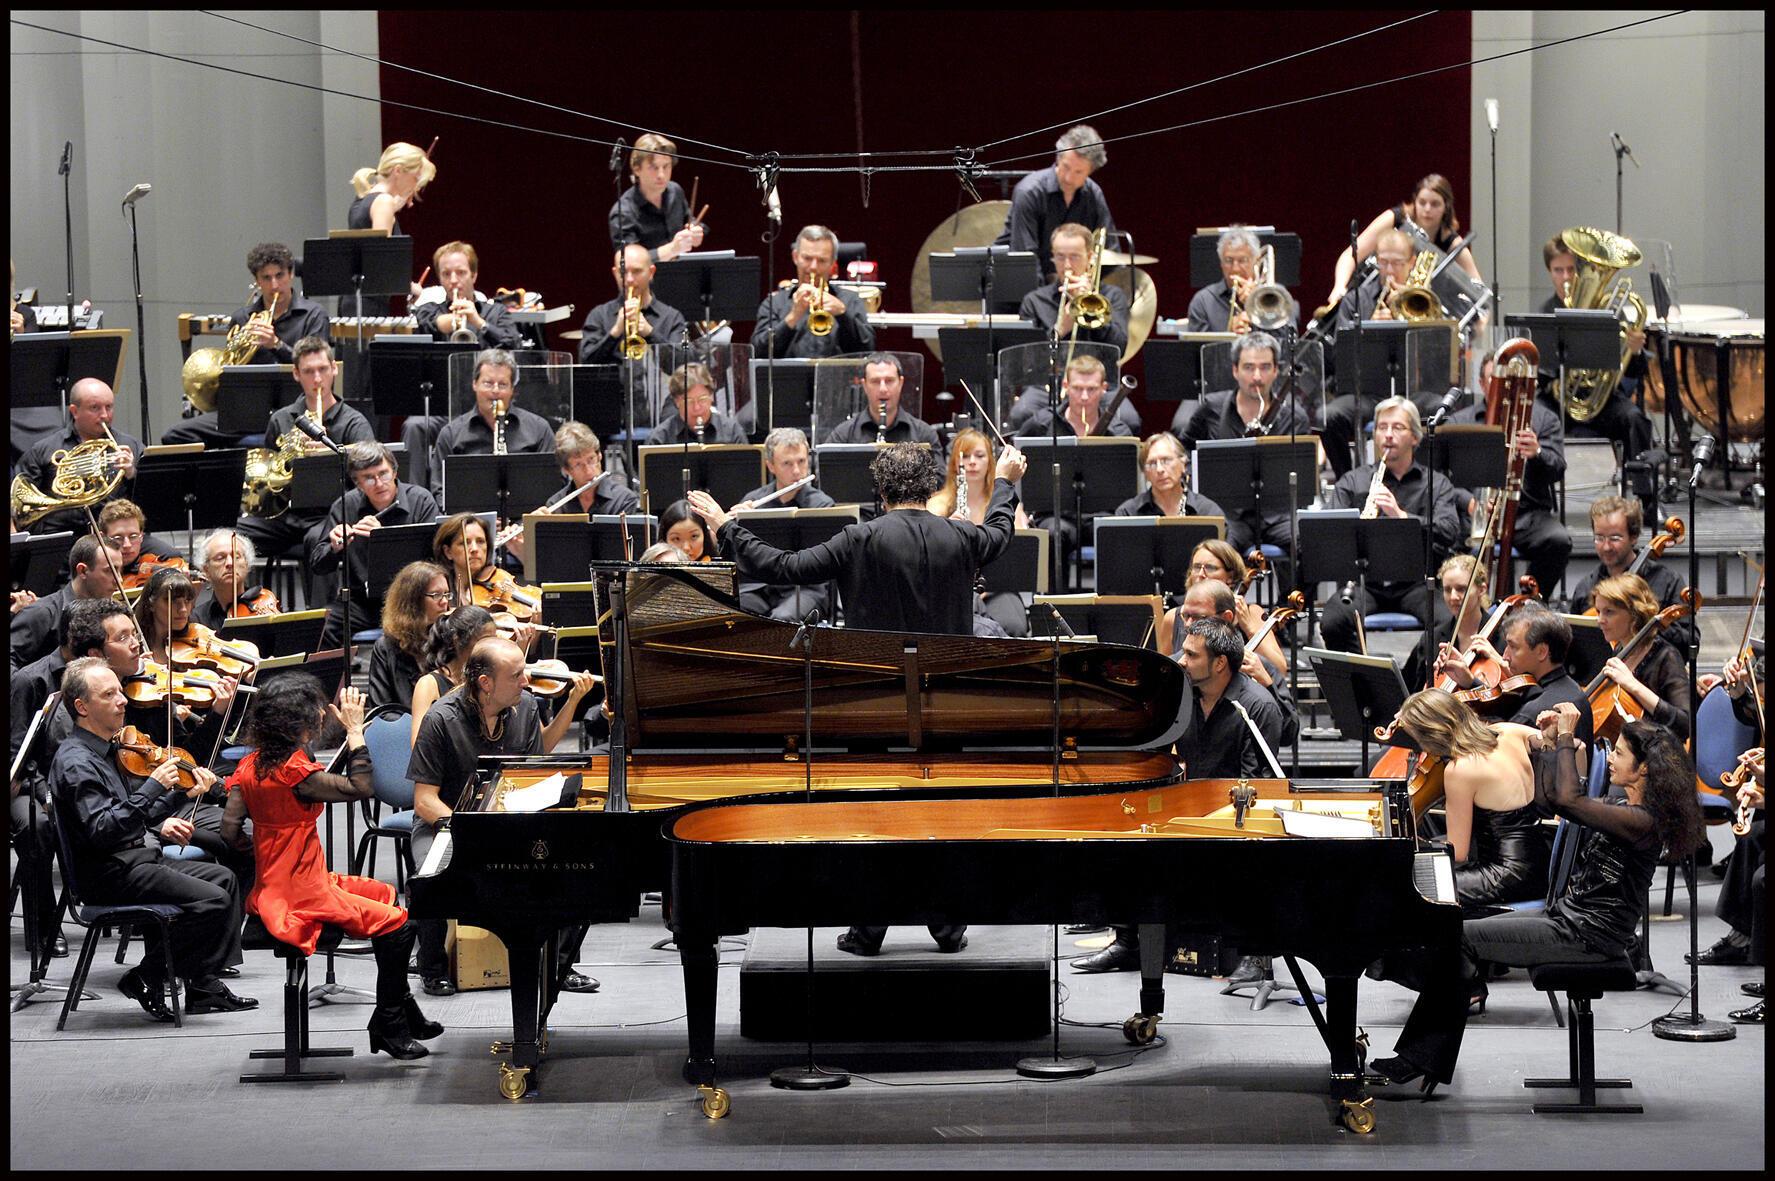 Katia et Marielle Labèque avec l'Orchestre national de France